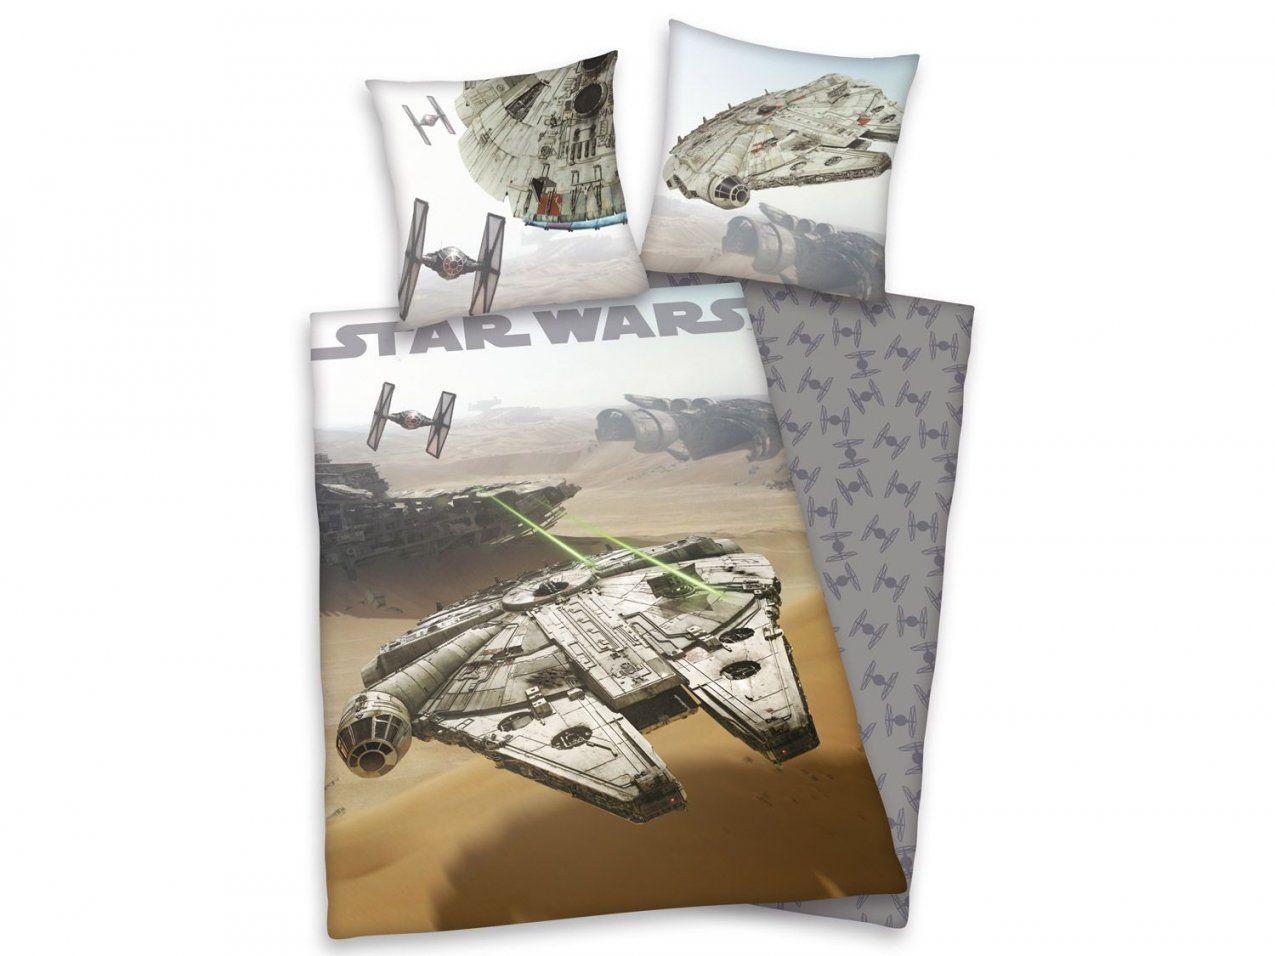 Herding Flanellbettwäsche Star Wars 135 X 200 Cm  Lidl von Star Wars Bettwäsche Lidl Bild